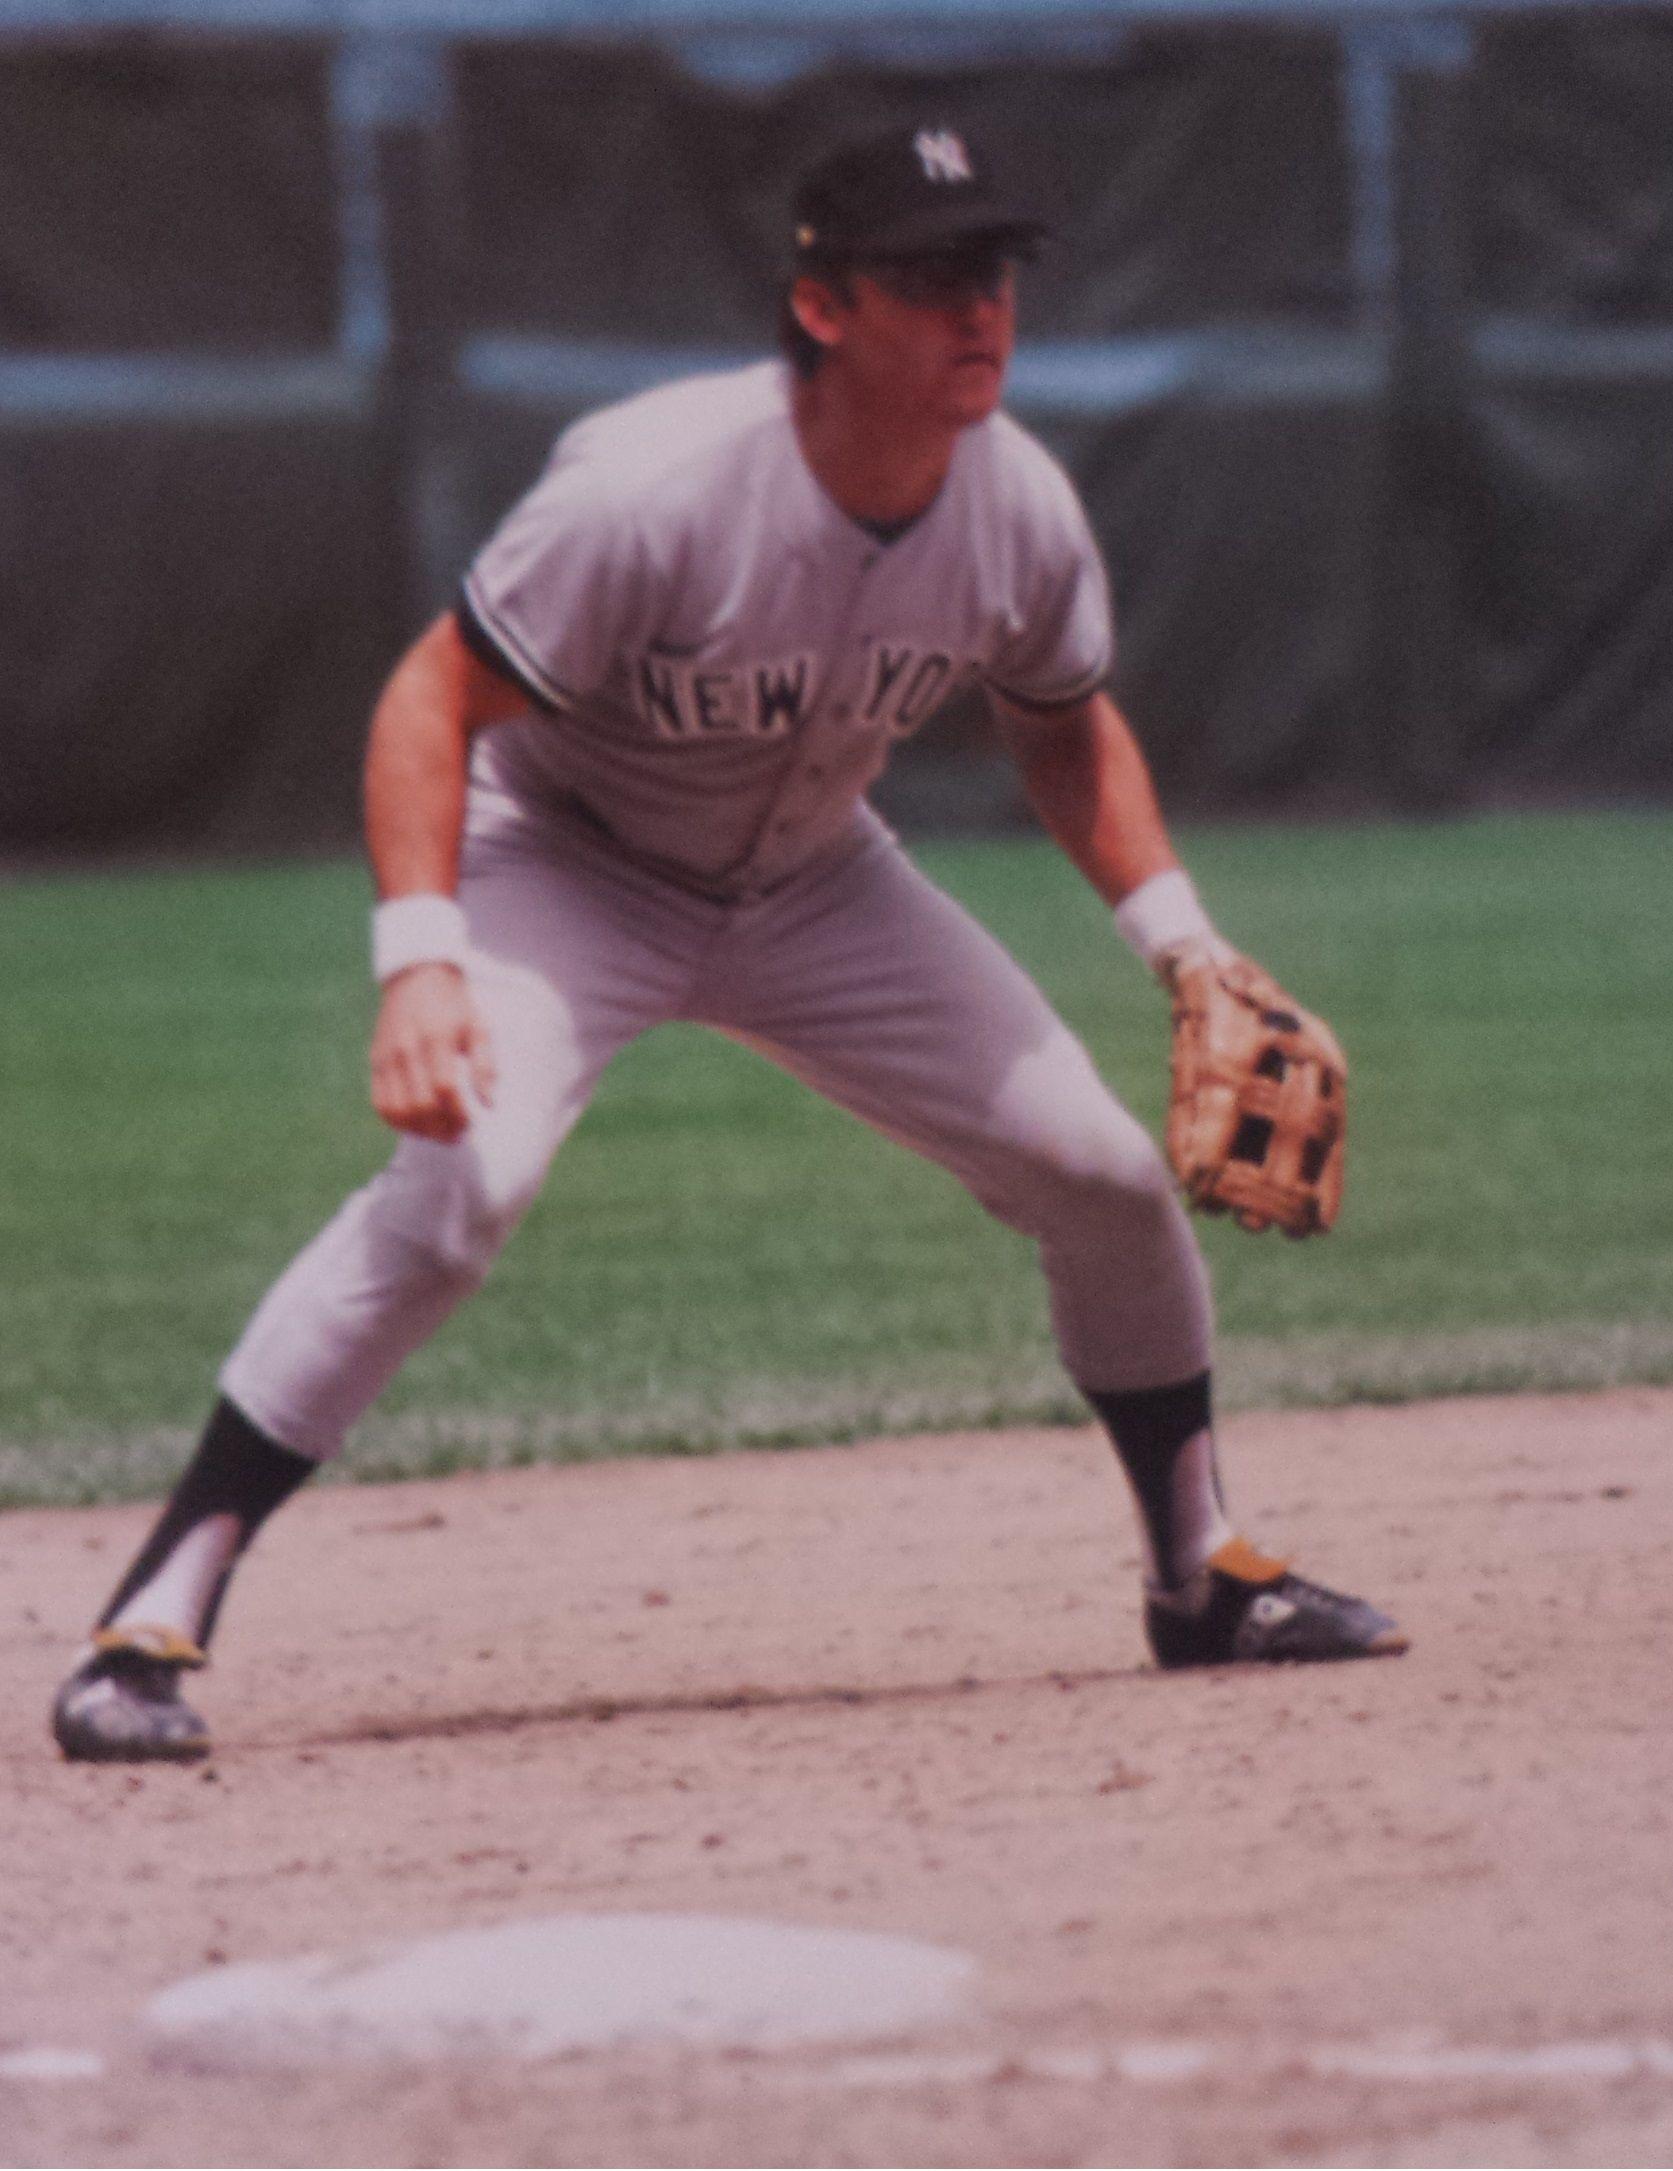 Graig Nettles New York Yankees Baseball Yankees Baseball New York Yankees